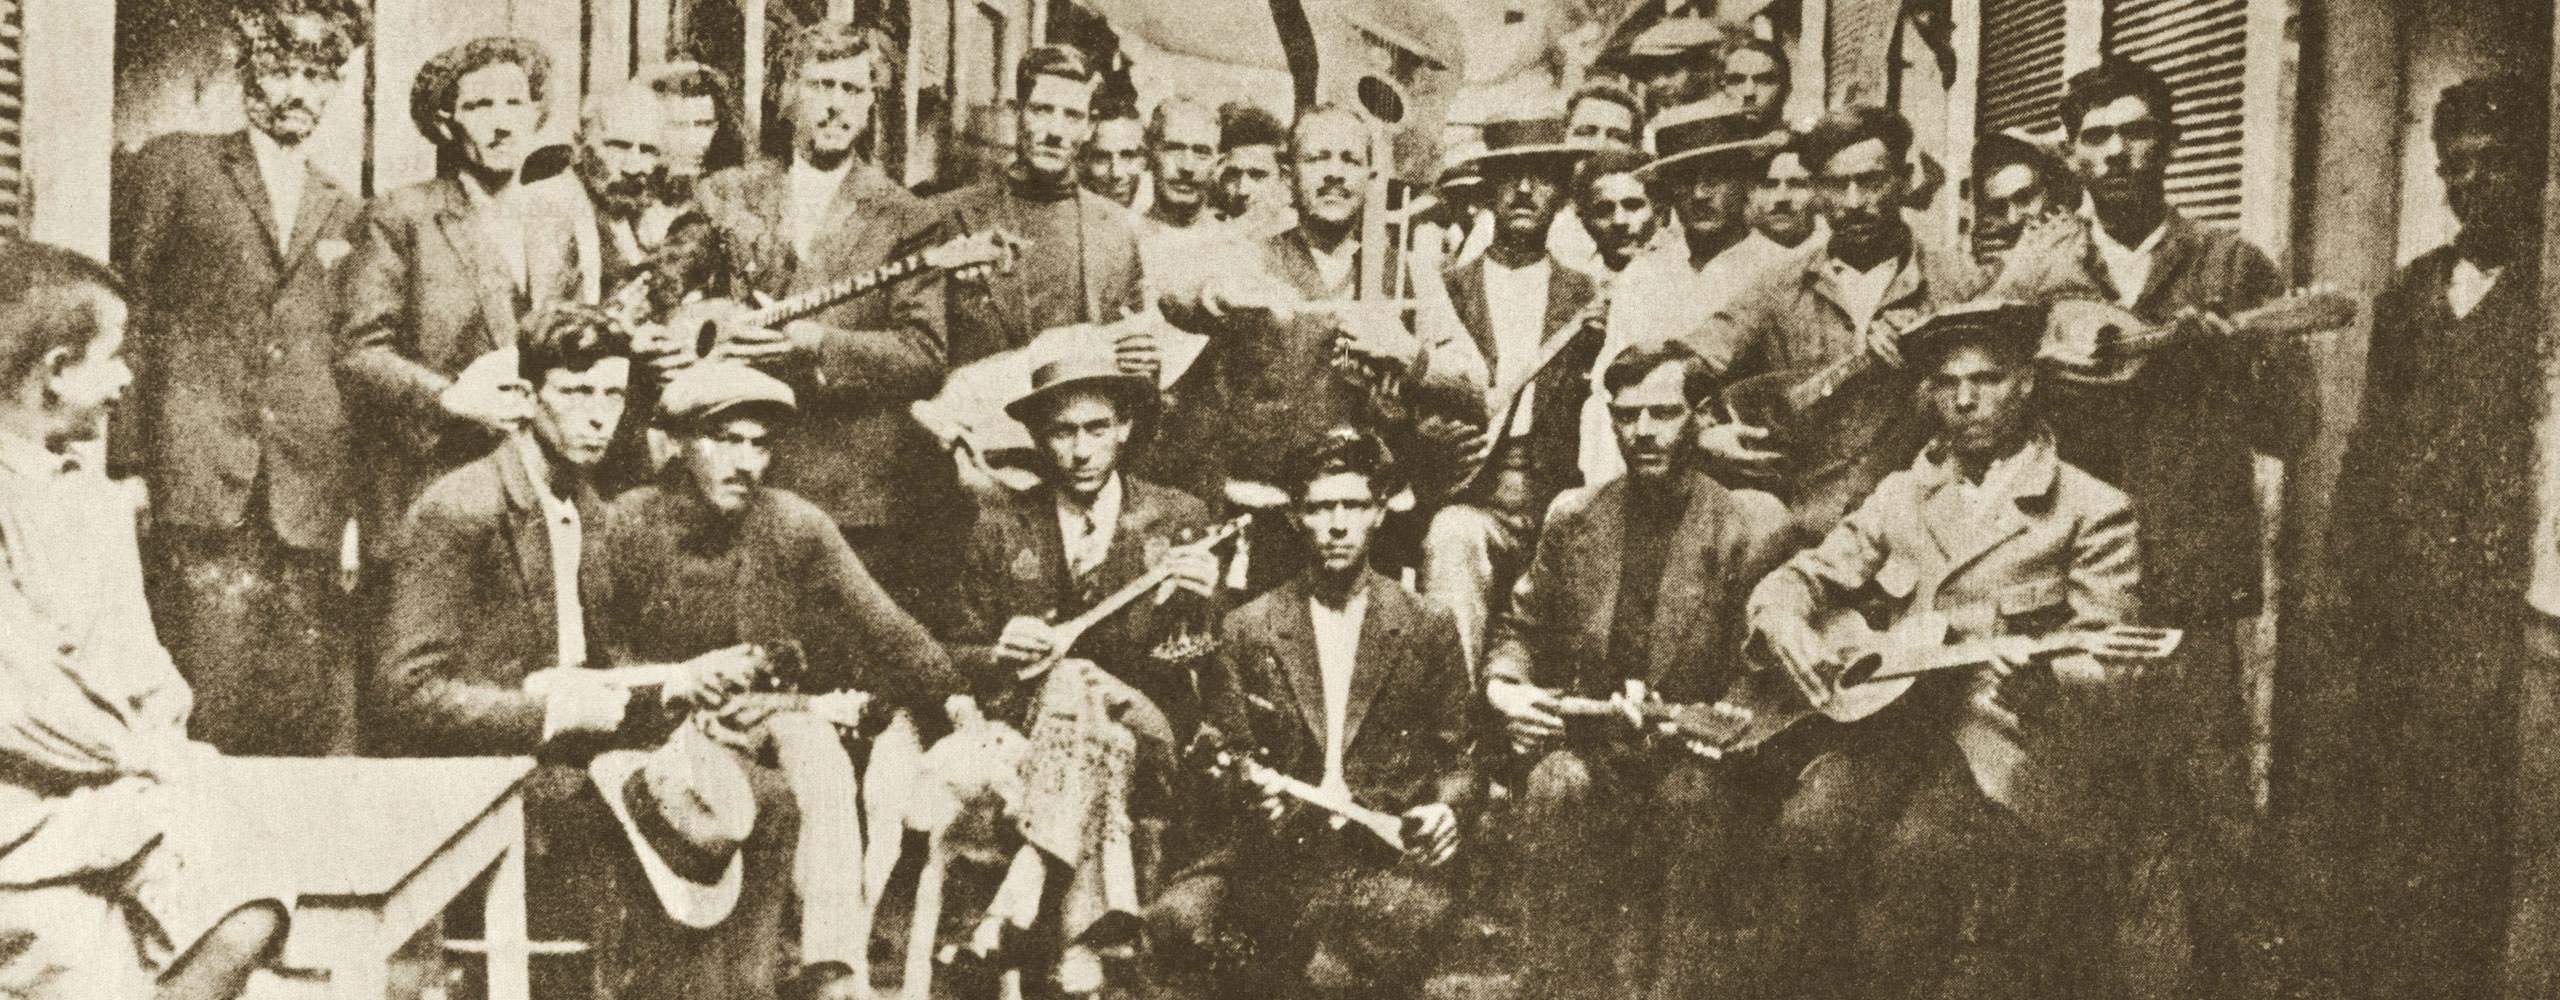 ההיסטוריה של הרבטיקו